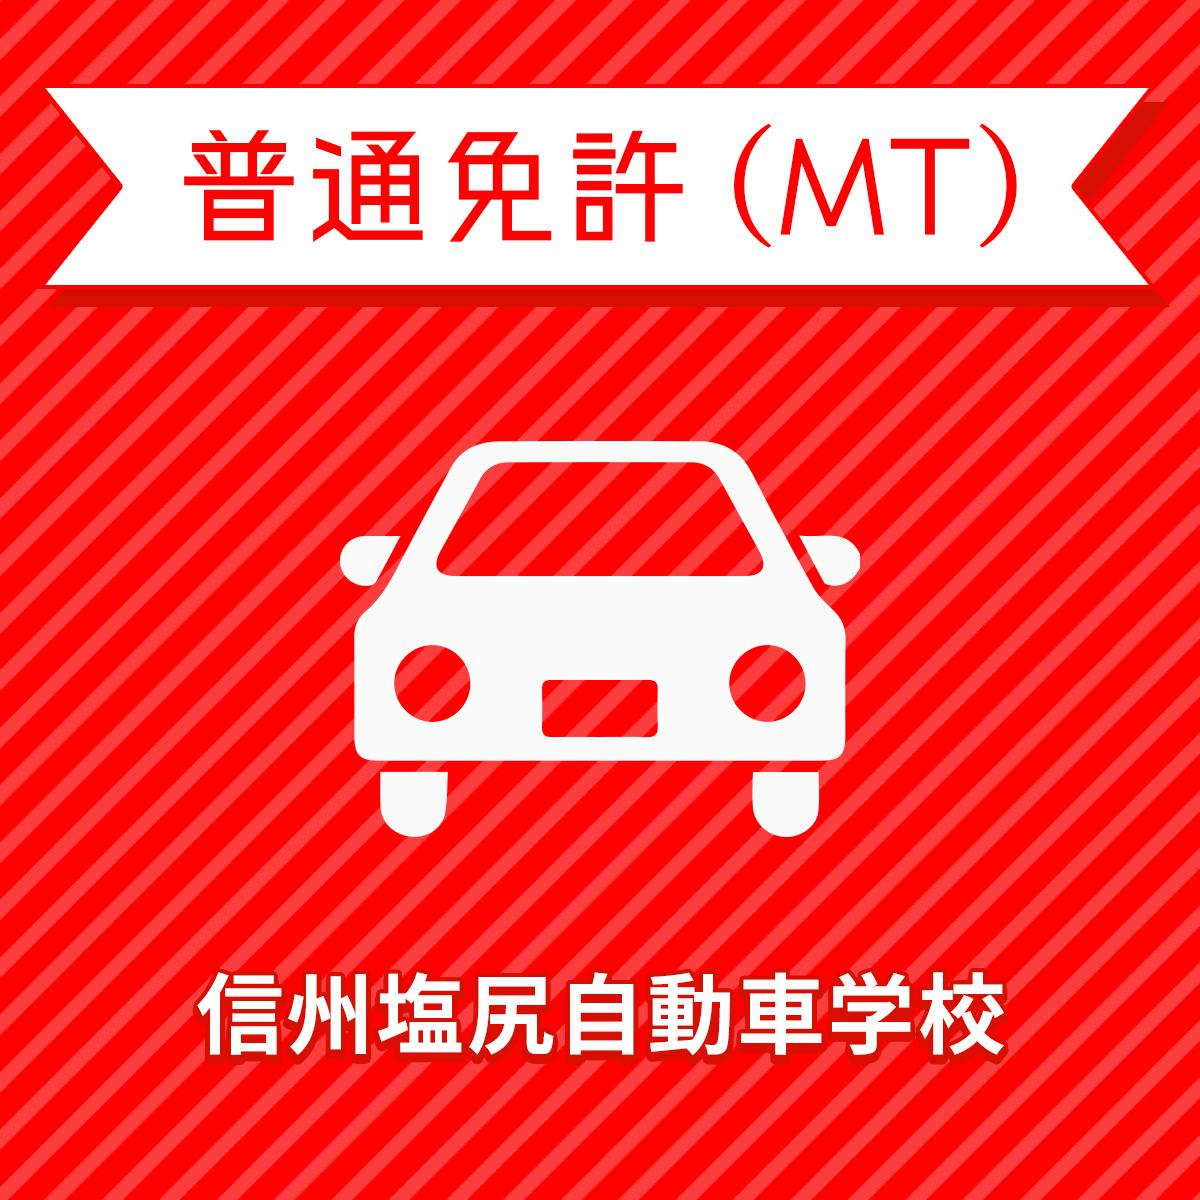 【長野県塩尻市】普通車MTコース<免許なし/原付免許所持対象>